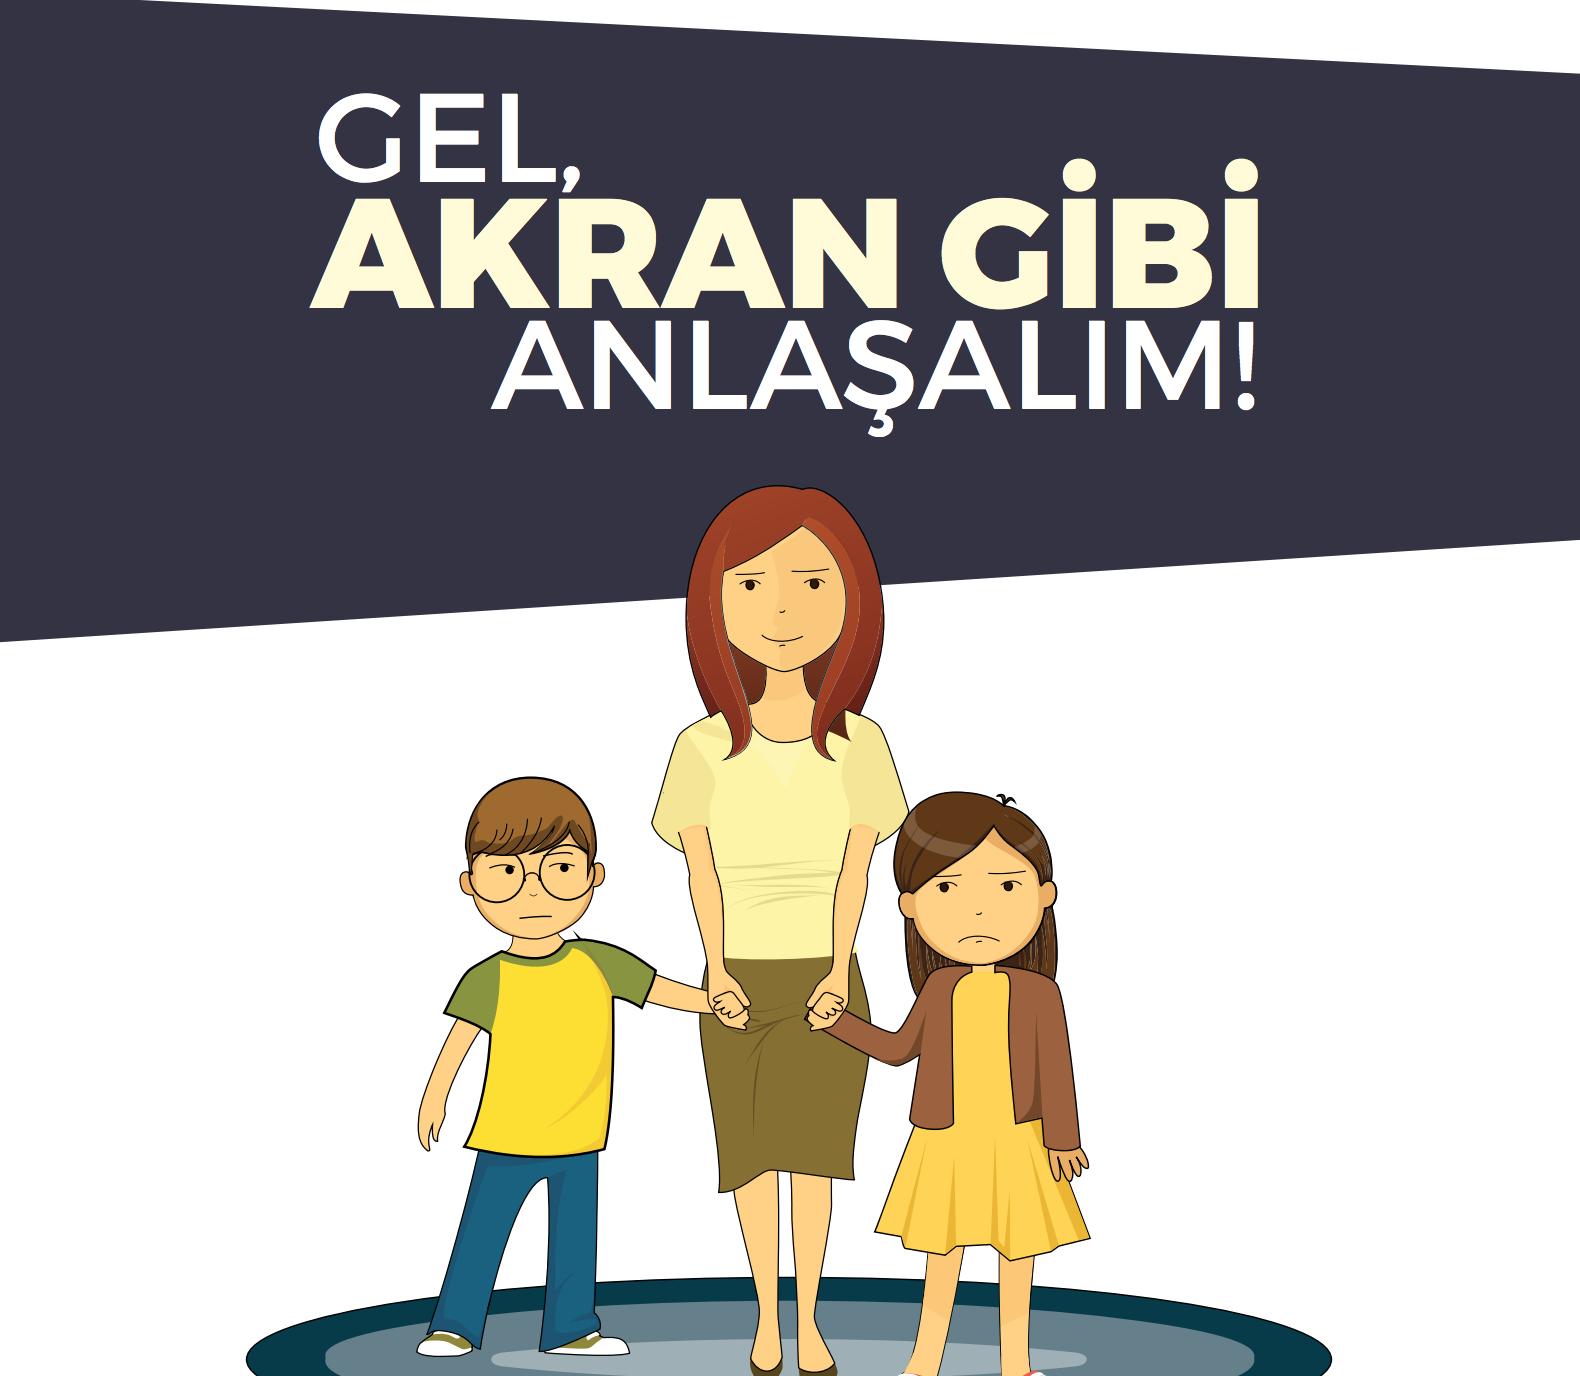 """Marmara Bölgesi Bilgi Notu Yayınlandı! """"Gel Akran Gibi Anlaşalım"""""""